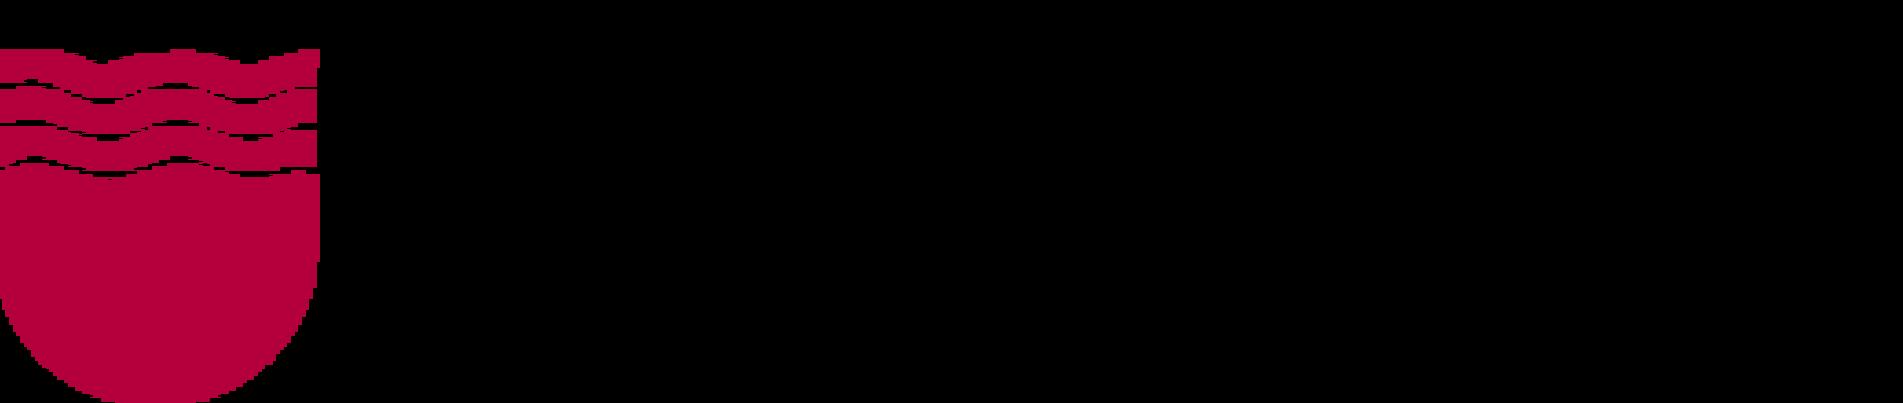 vuxenutbildning göteborg logga in